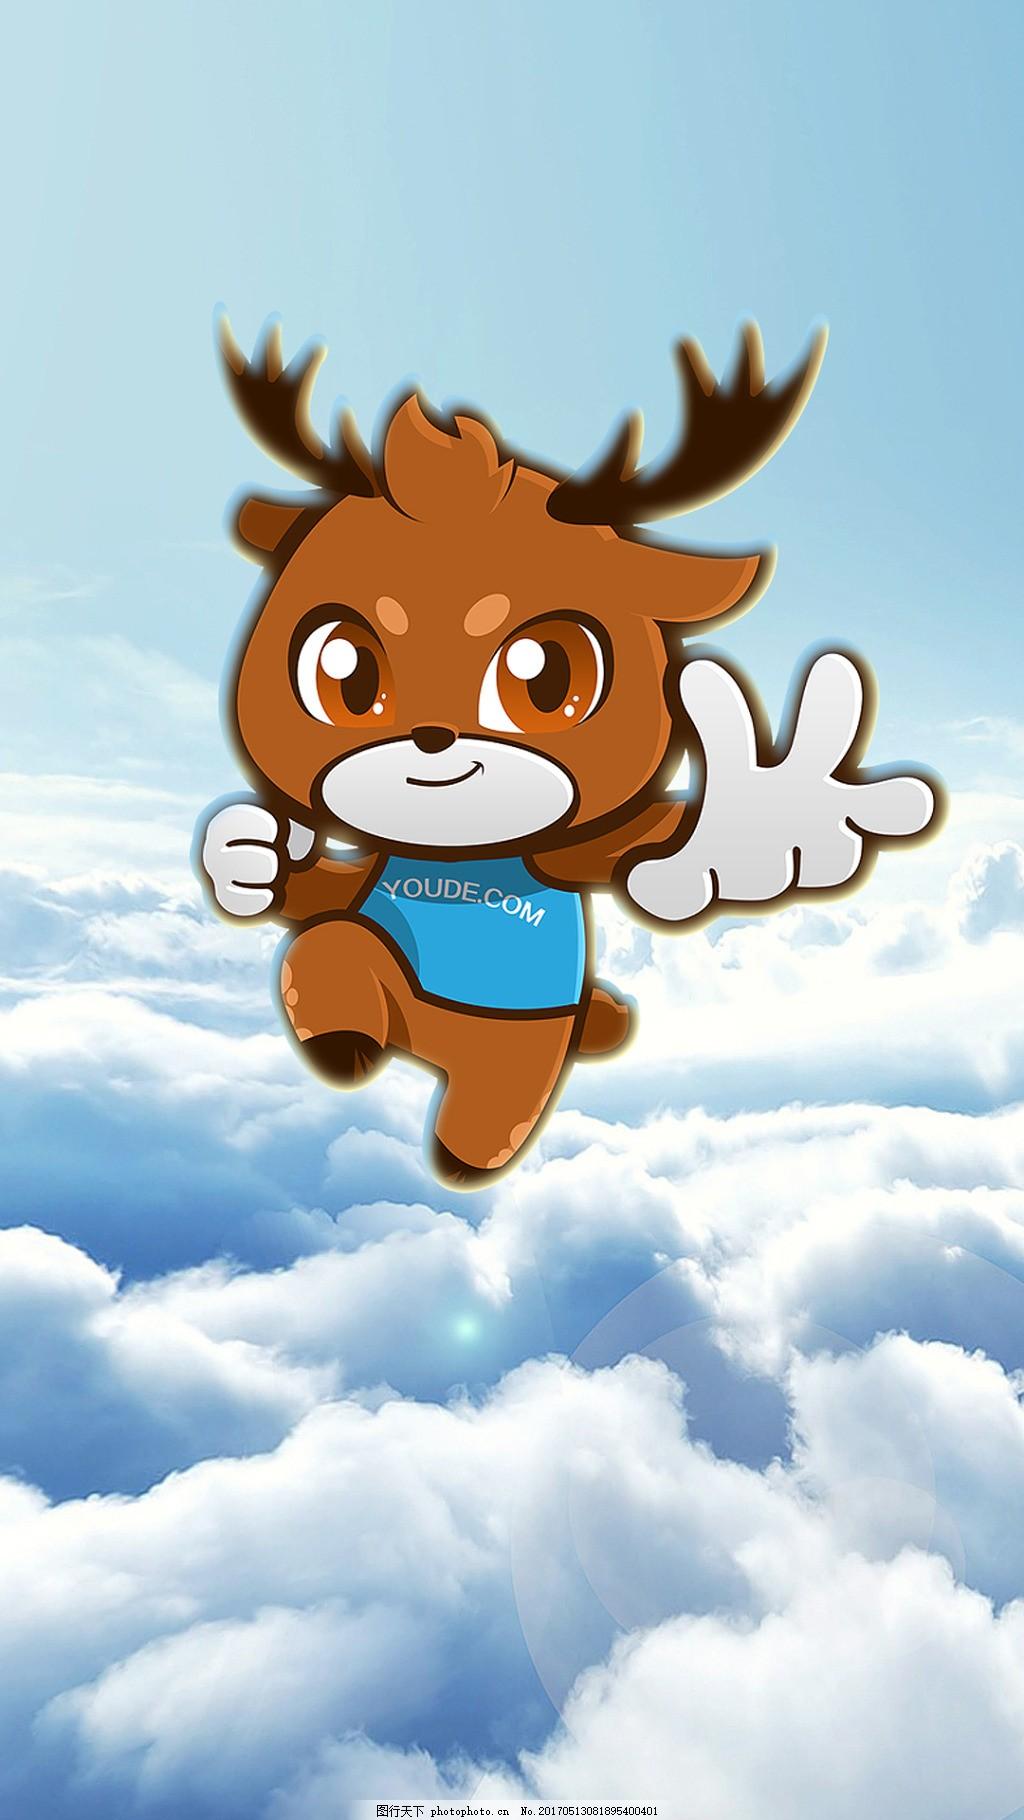 小鹿吉祥物 麋鹿 动物 卡通 可爱